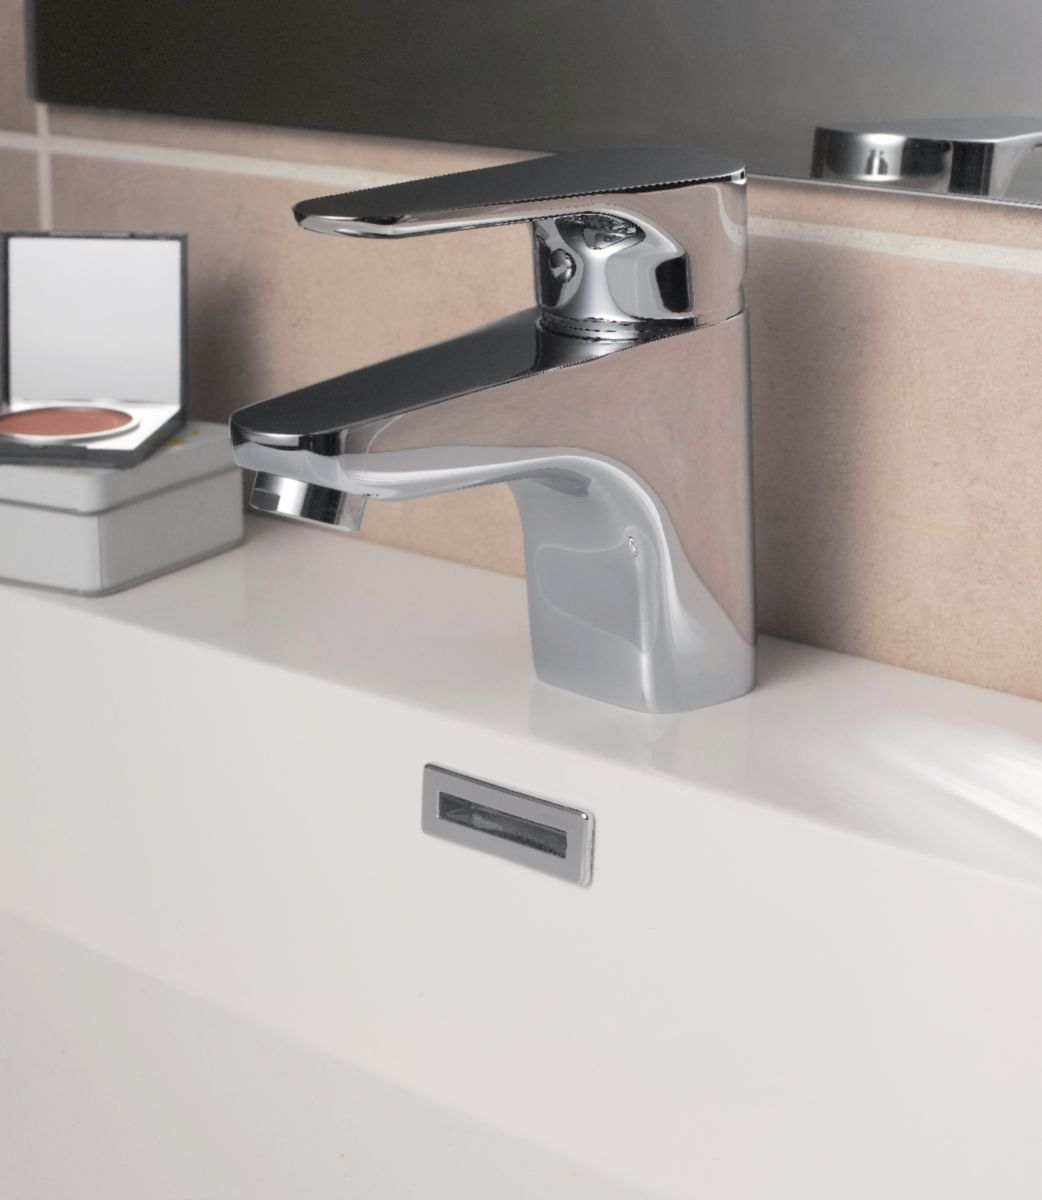 Mitigeur lavabo CONCERTO4, vidage laiton, cartouche céramique avec point dur, manette métal, NF, chromé 3461851